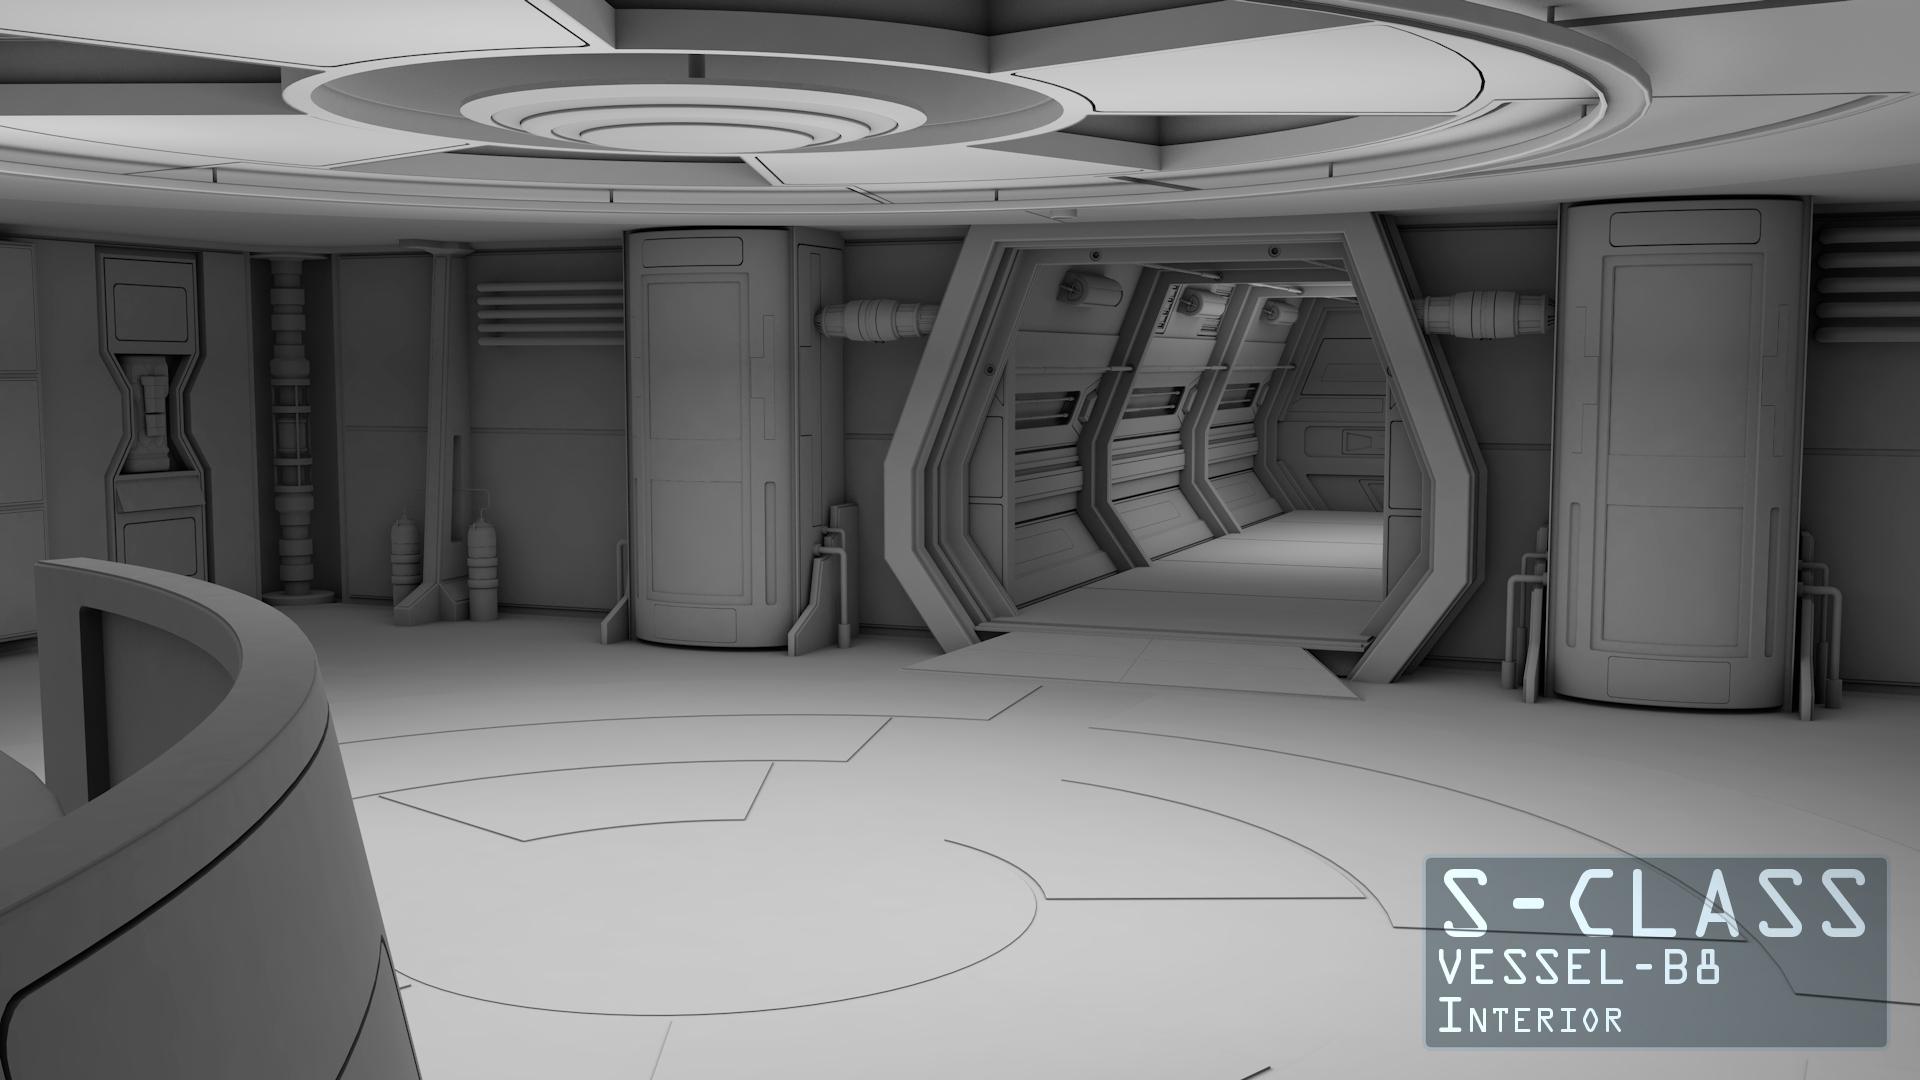 ship_interior_02